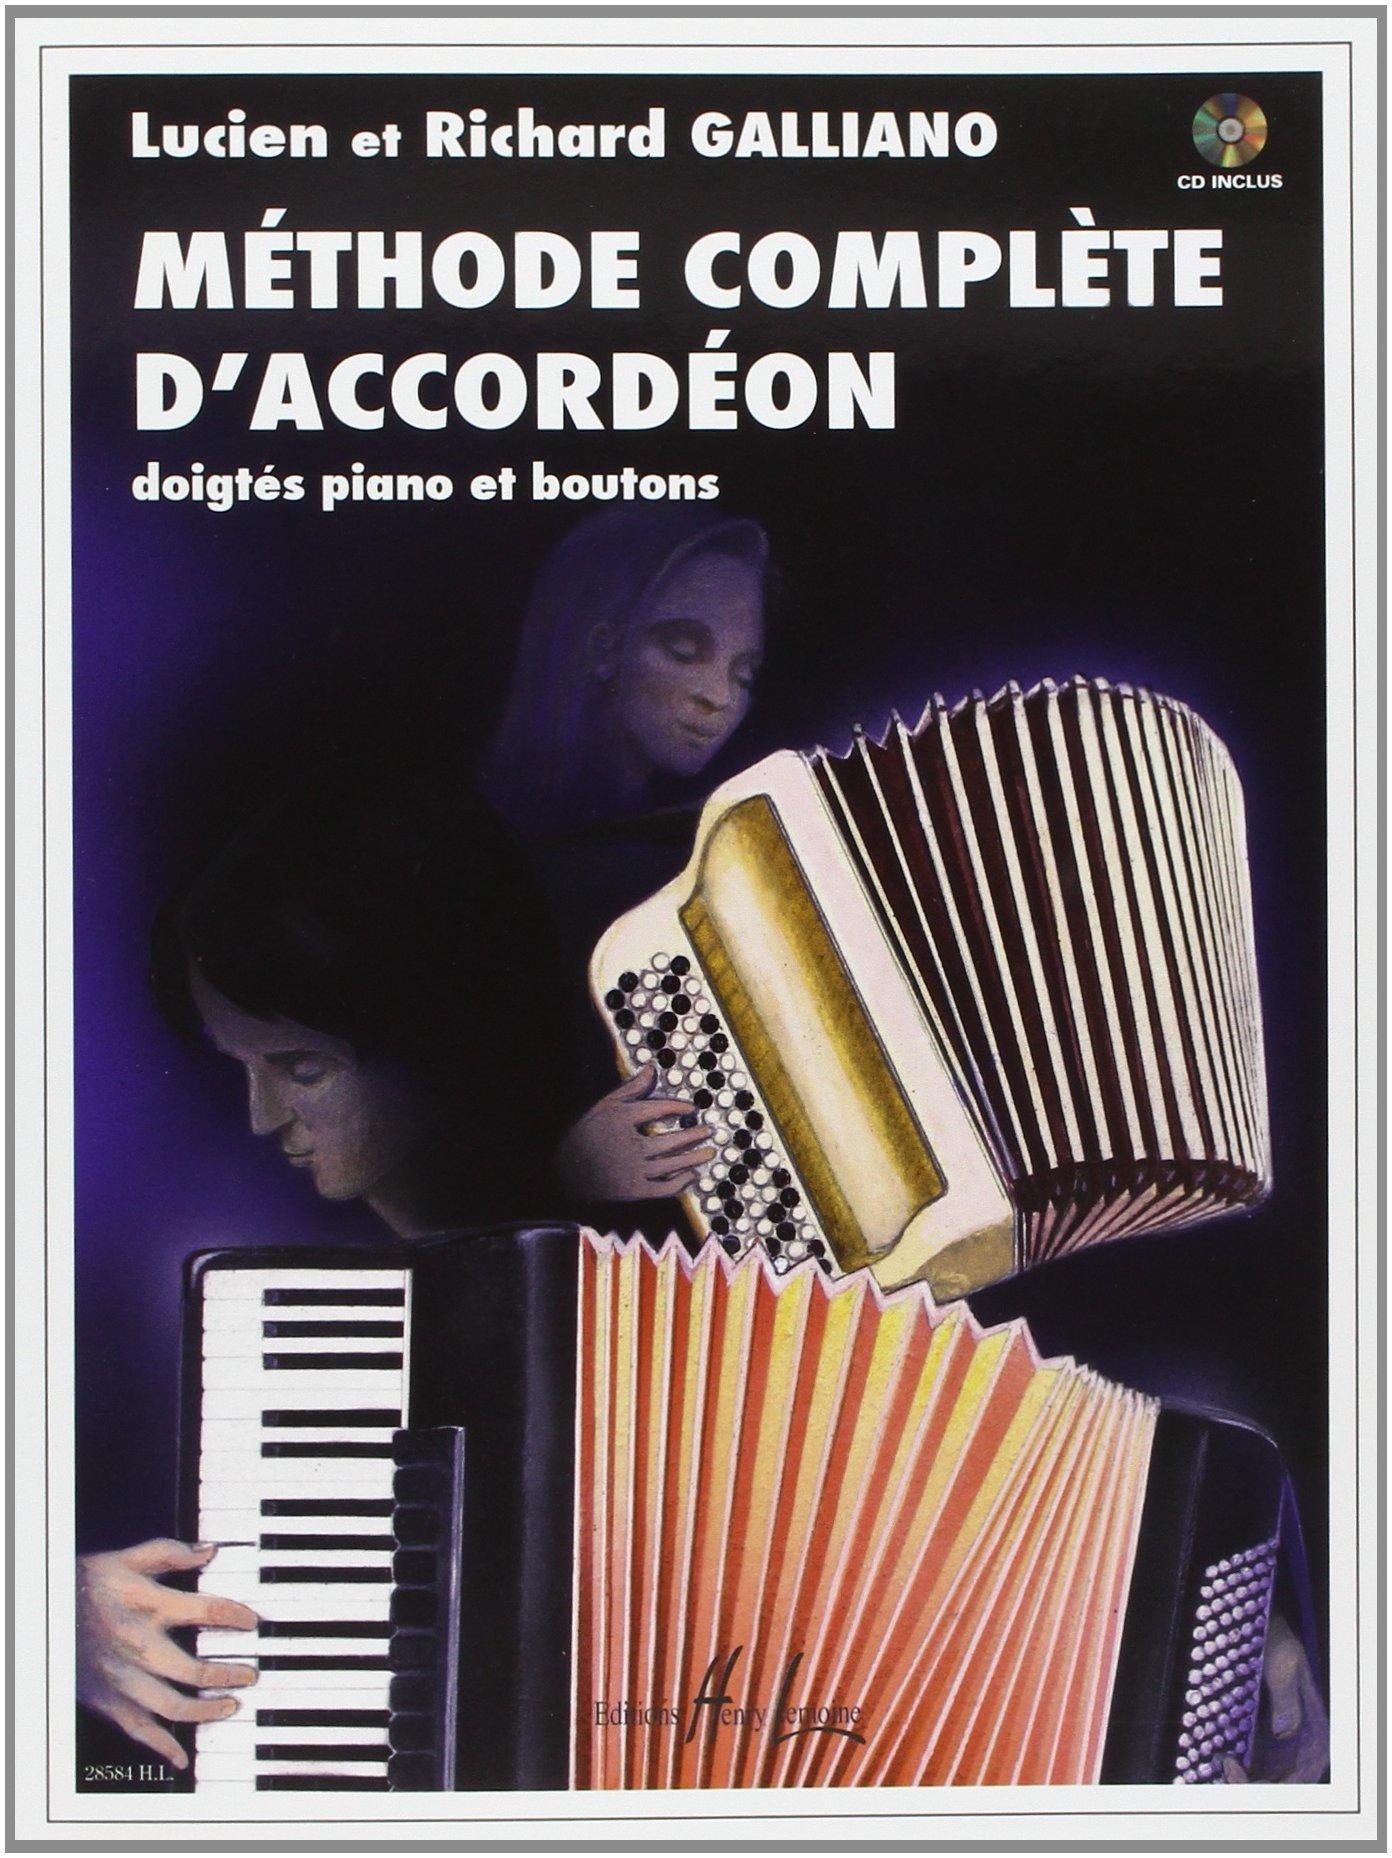 Méthode complète d'accordéon Partition – 27 mars 2008 Richard Galliano Lucien Galliano Lemoine B001J2Z512